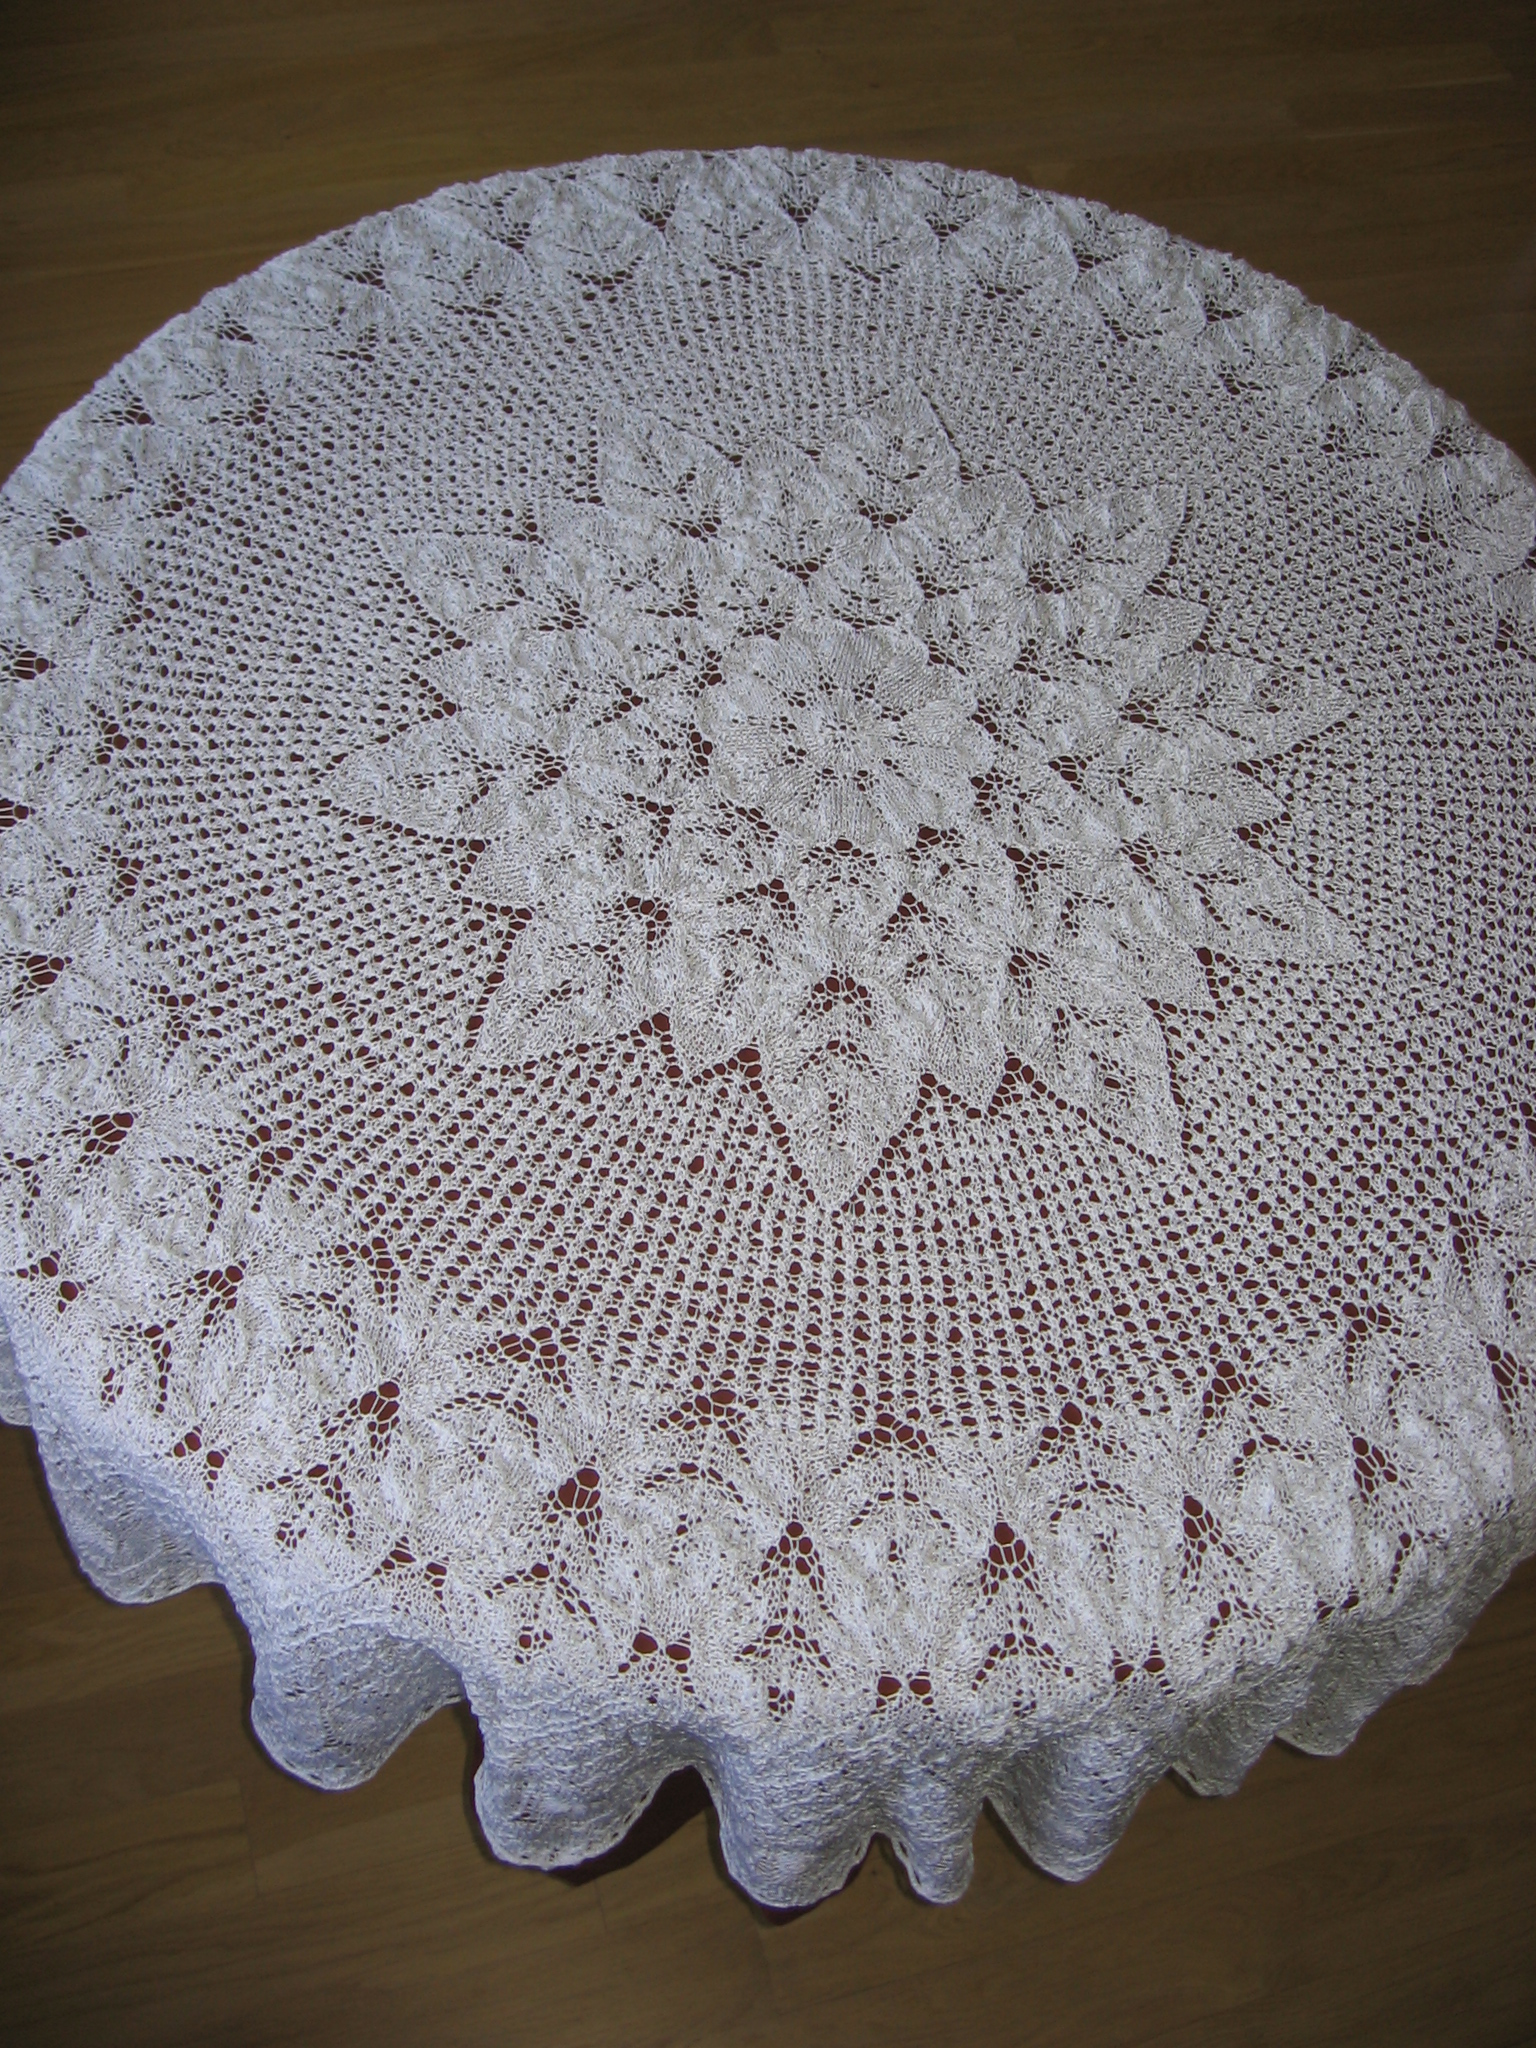 Knitting Chinese Knots Braid Theory